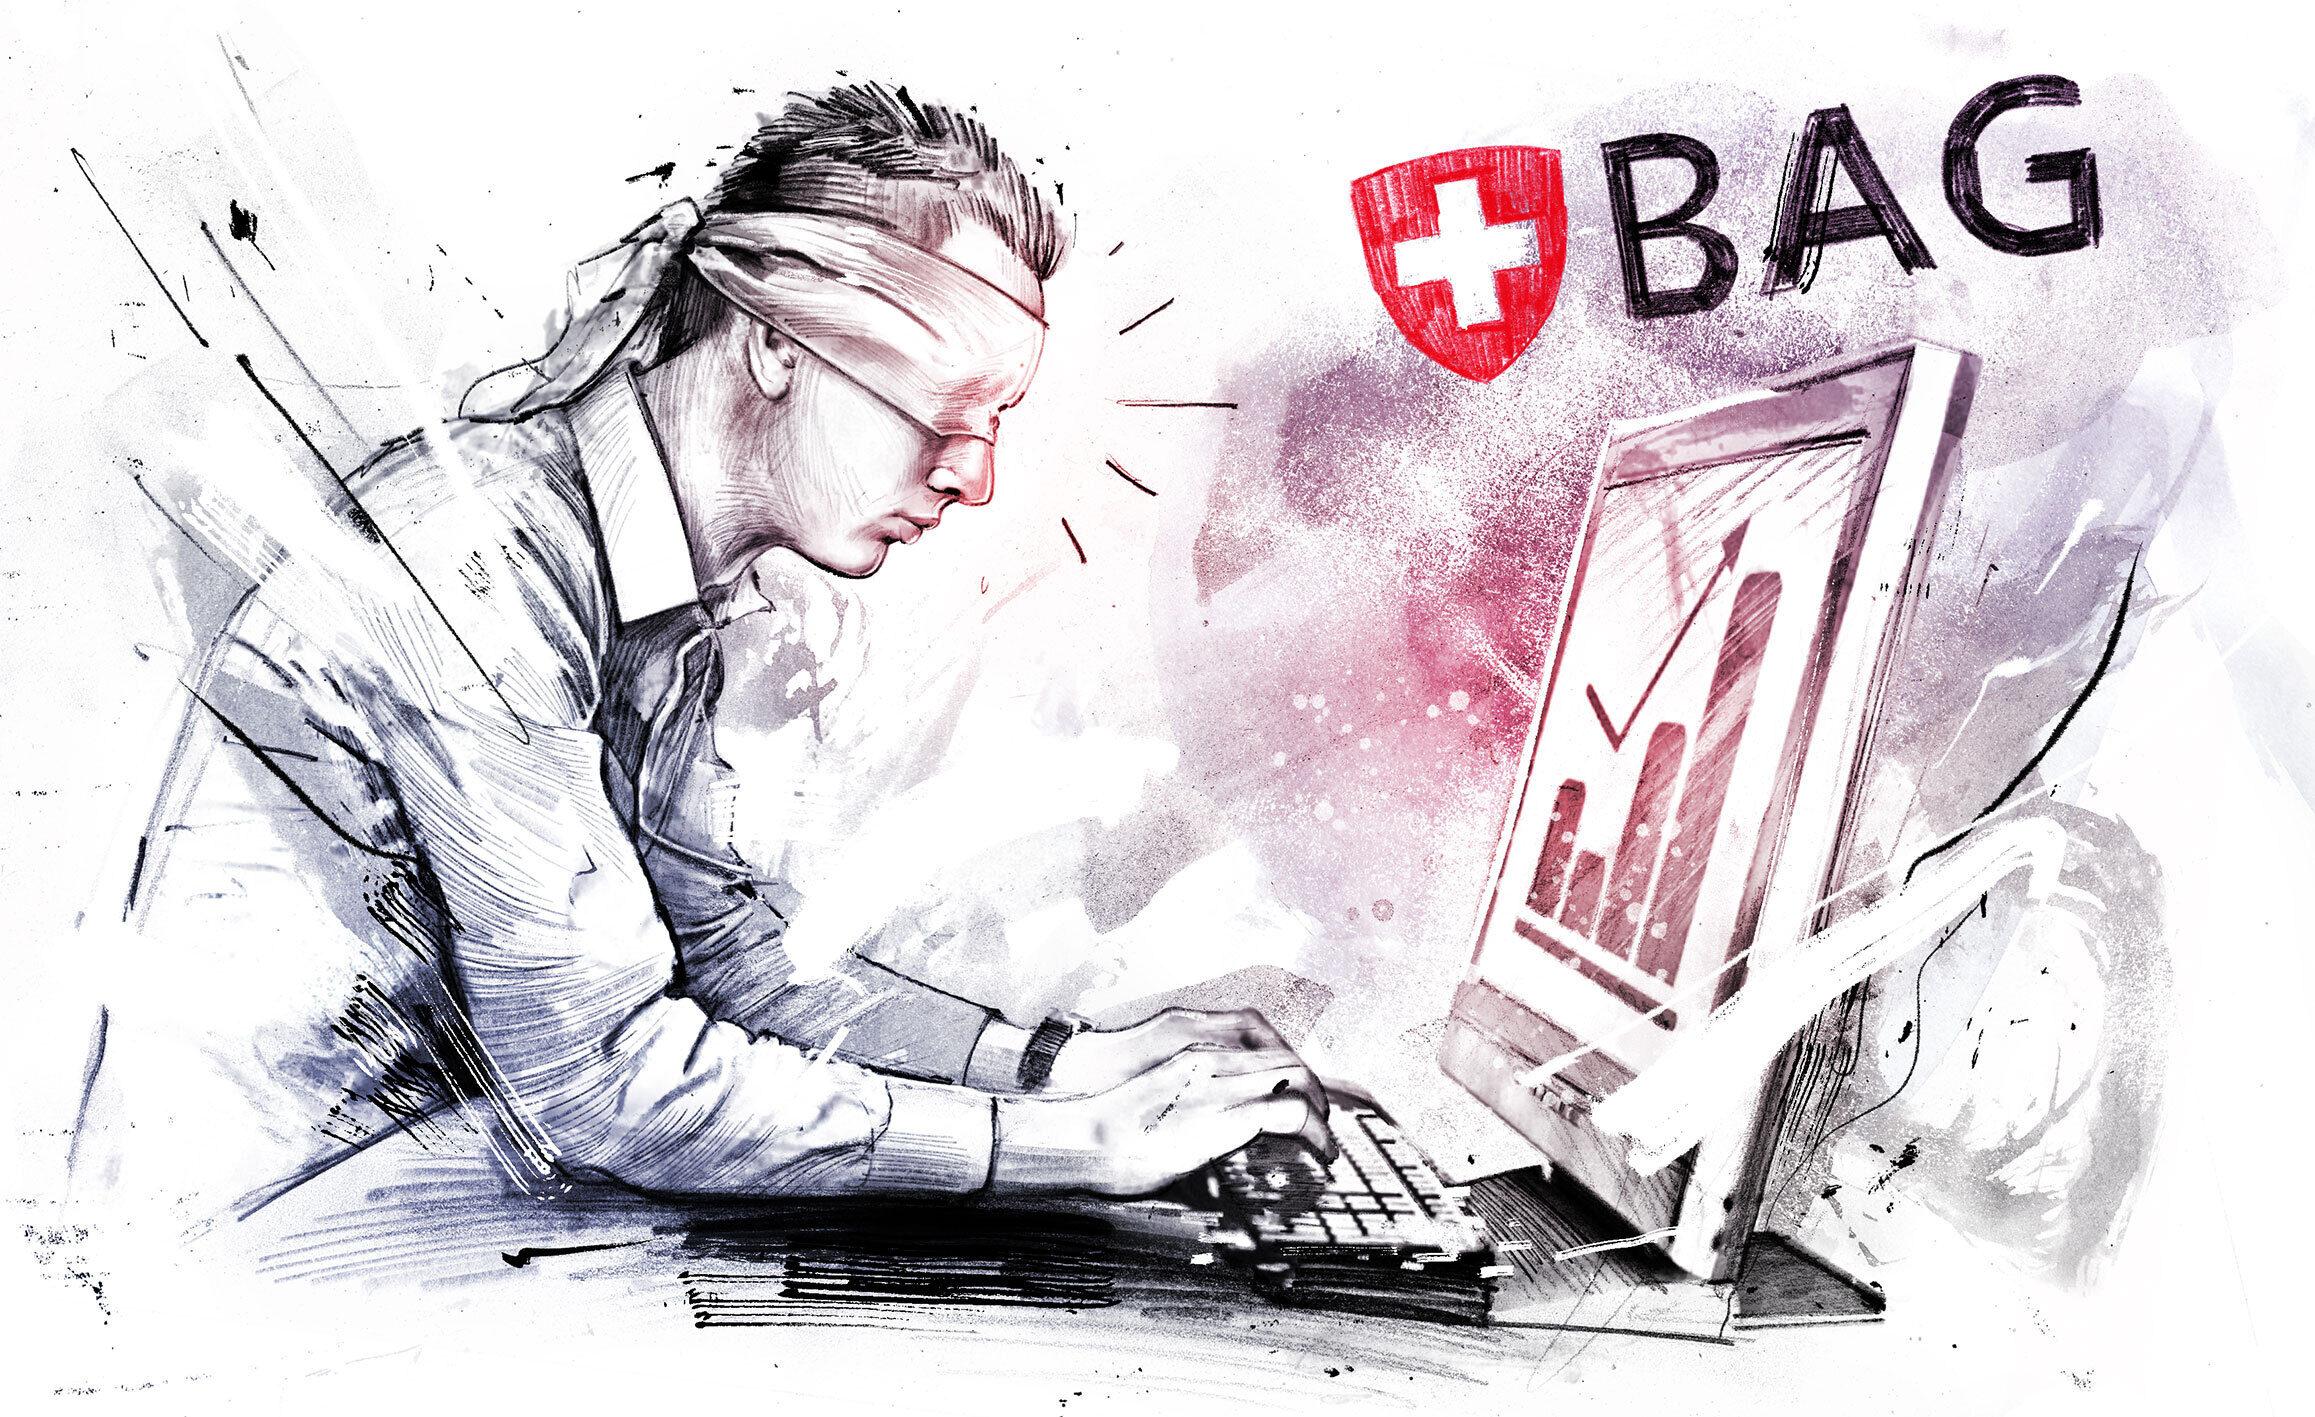 BAG Neu - Kornel Illustration | Kornel Stadler portfolio